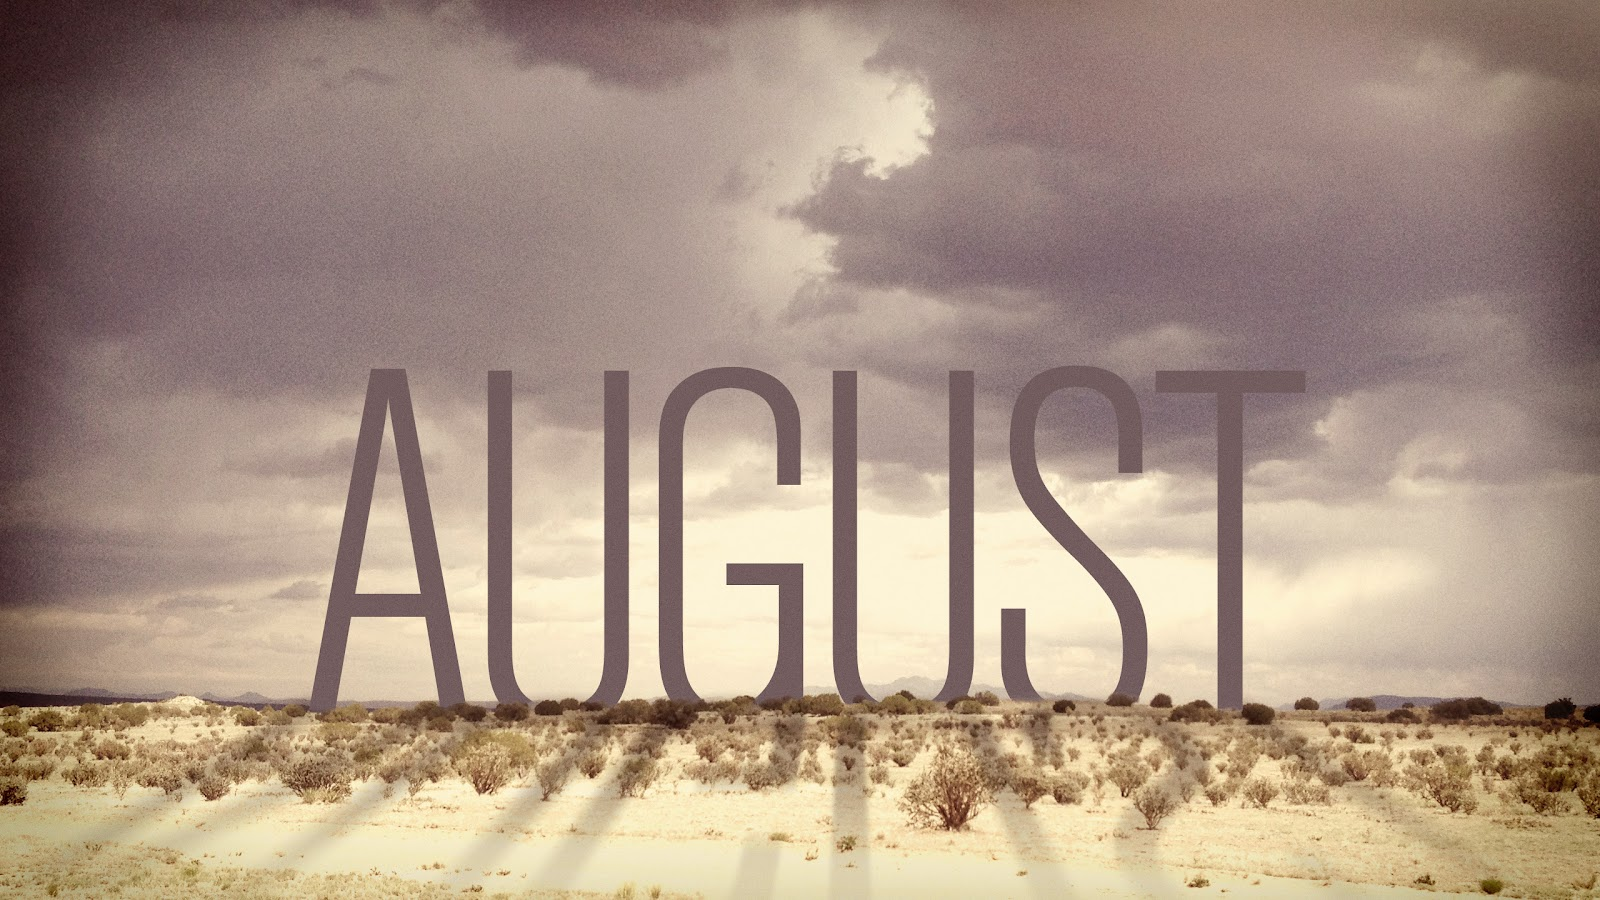 Αύγουστος, ο μήνας που μυρίζει καλοκαίρι!